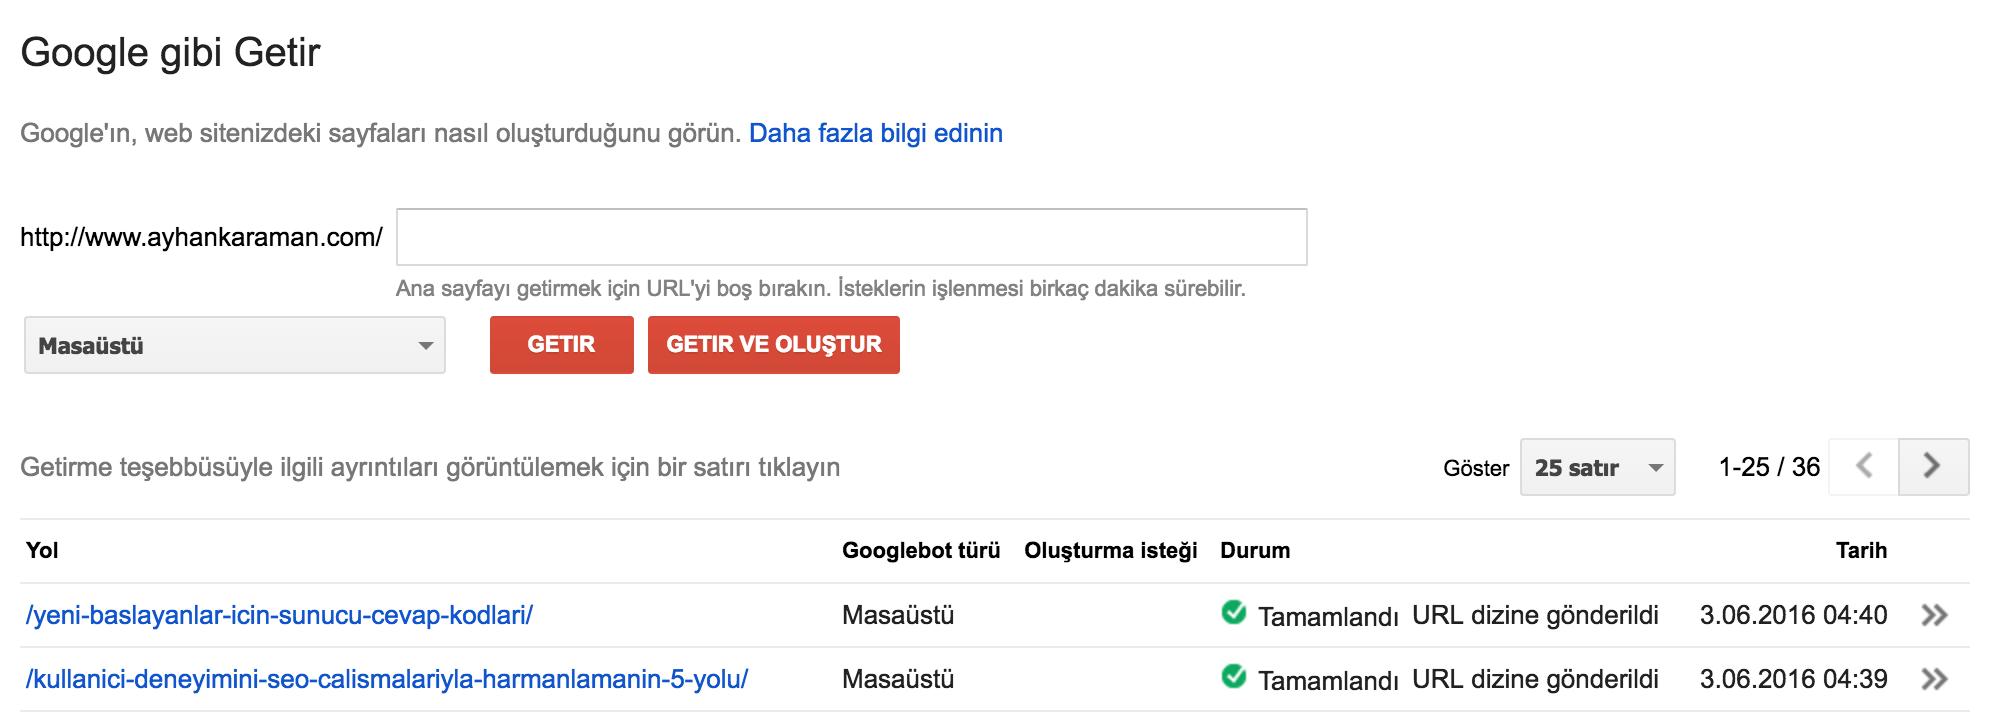 google-gibi-getir